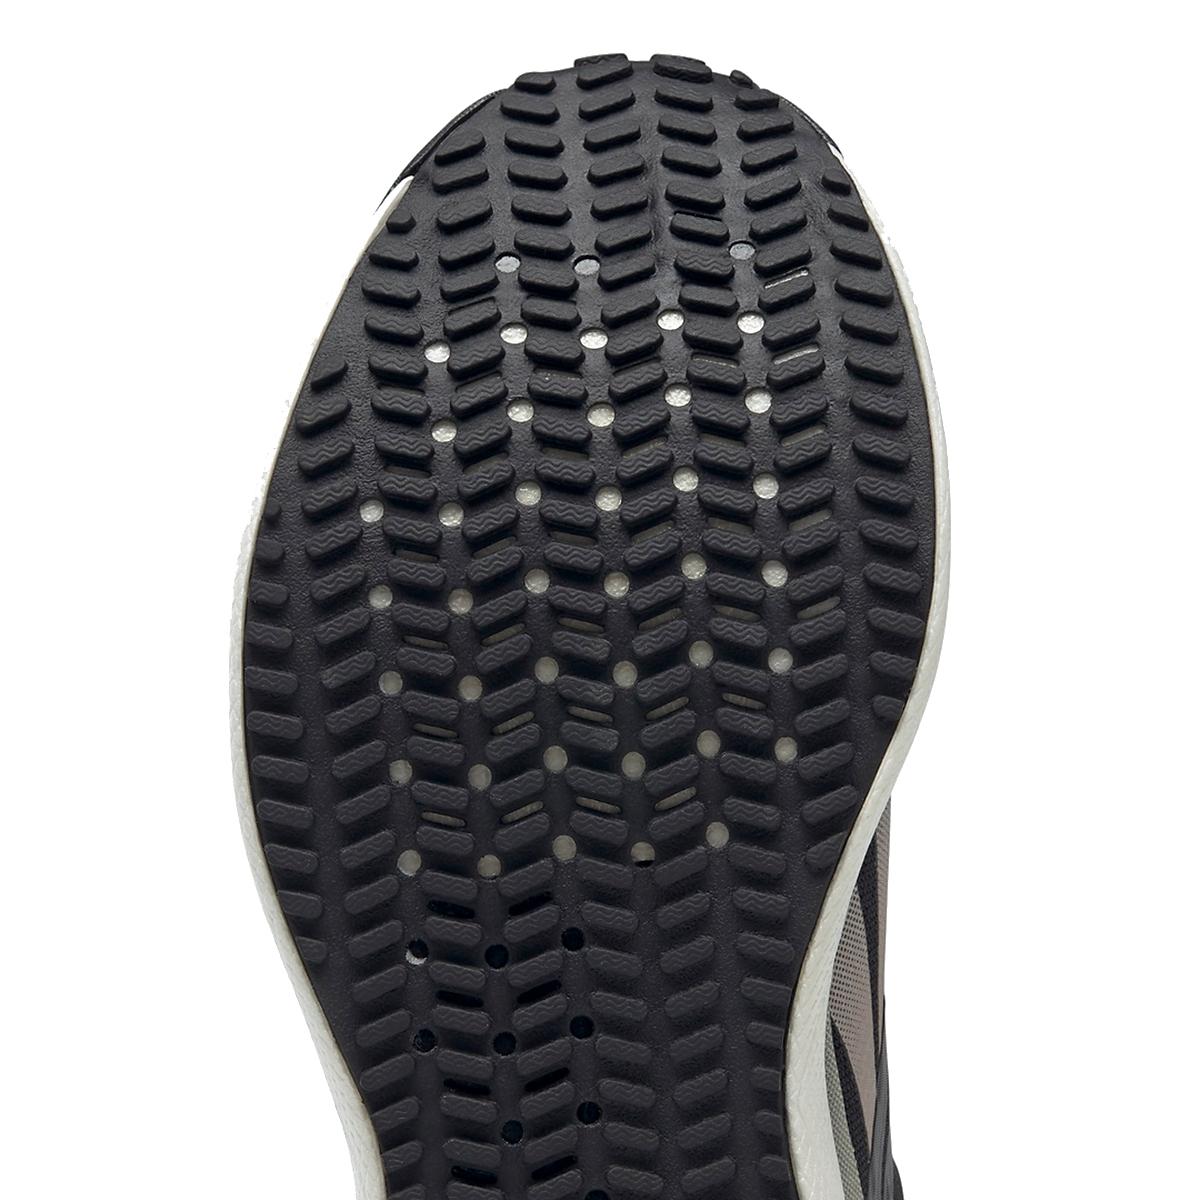 Women's Reebok Floatride Run Fast 2.0 Running Shoe - Color: Black/Moondust/White - Size: 5 - Width: Regular, Black/Moondust/White, large, image 6